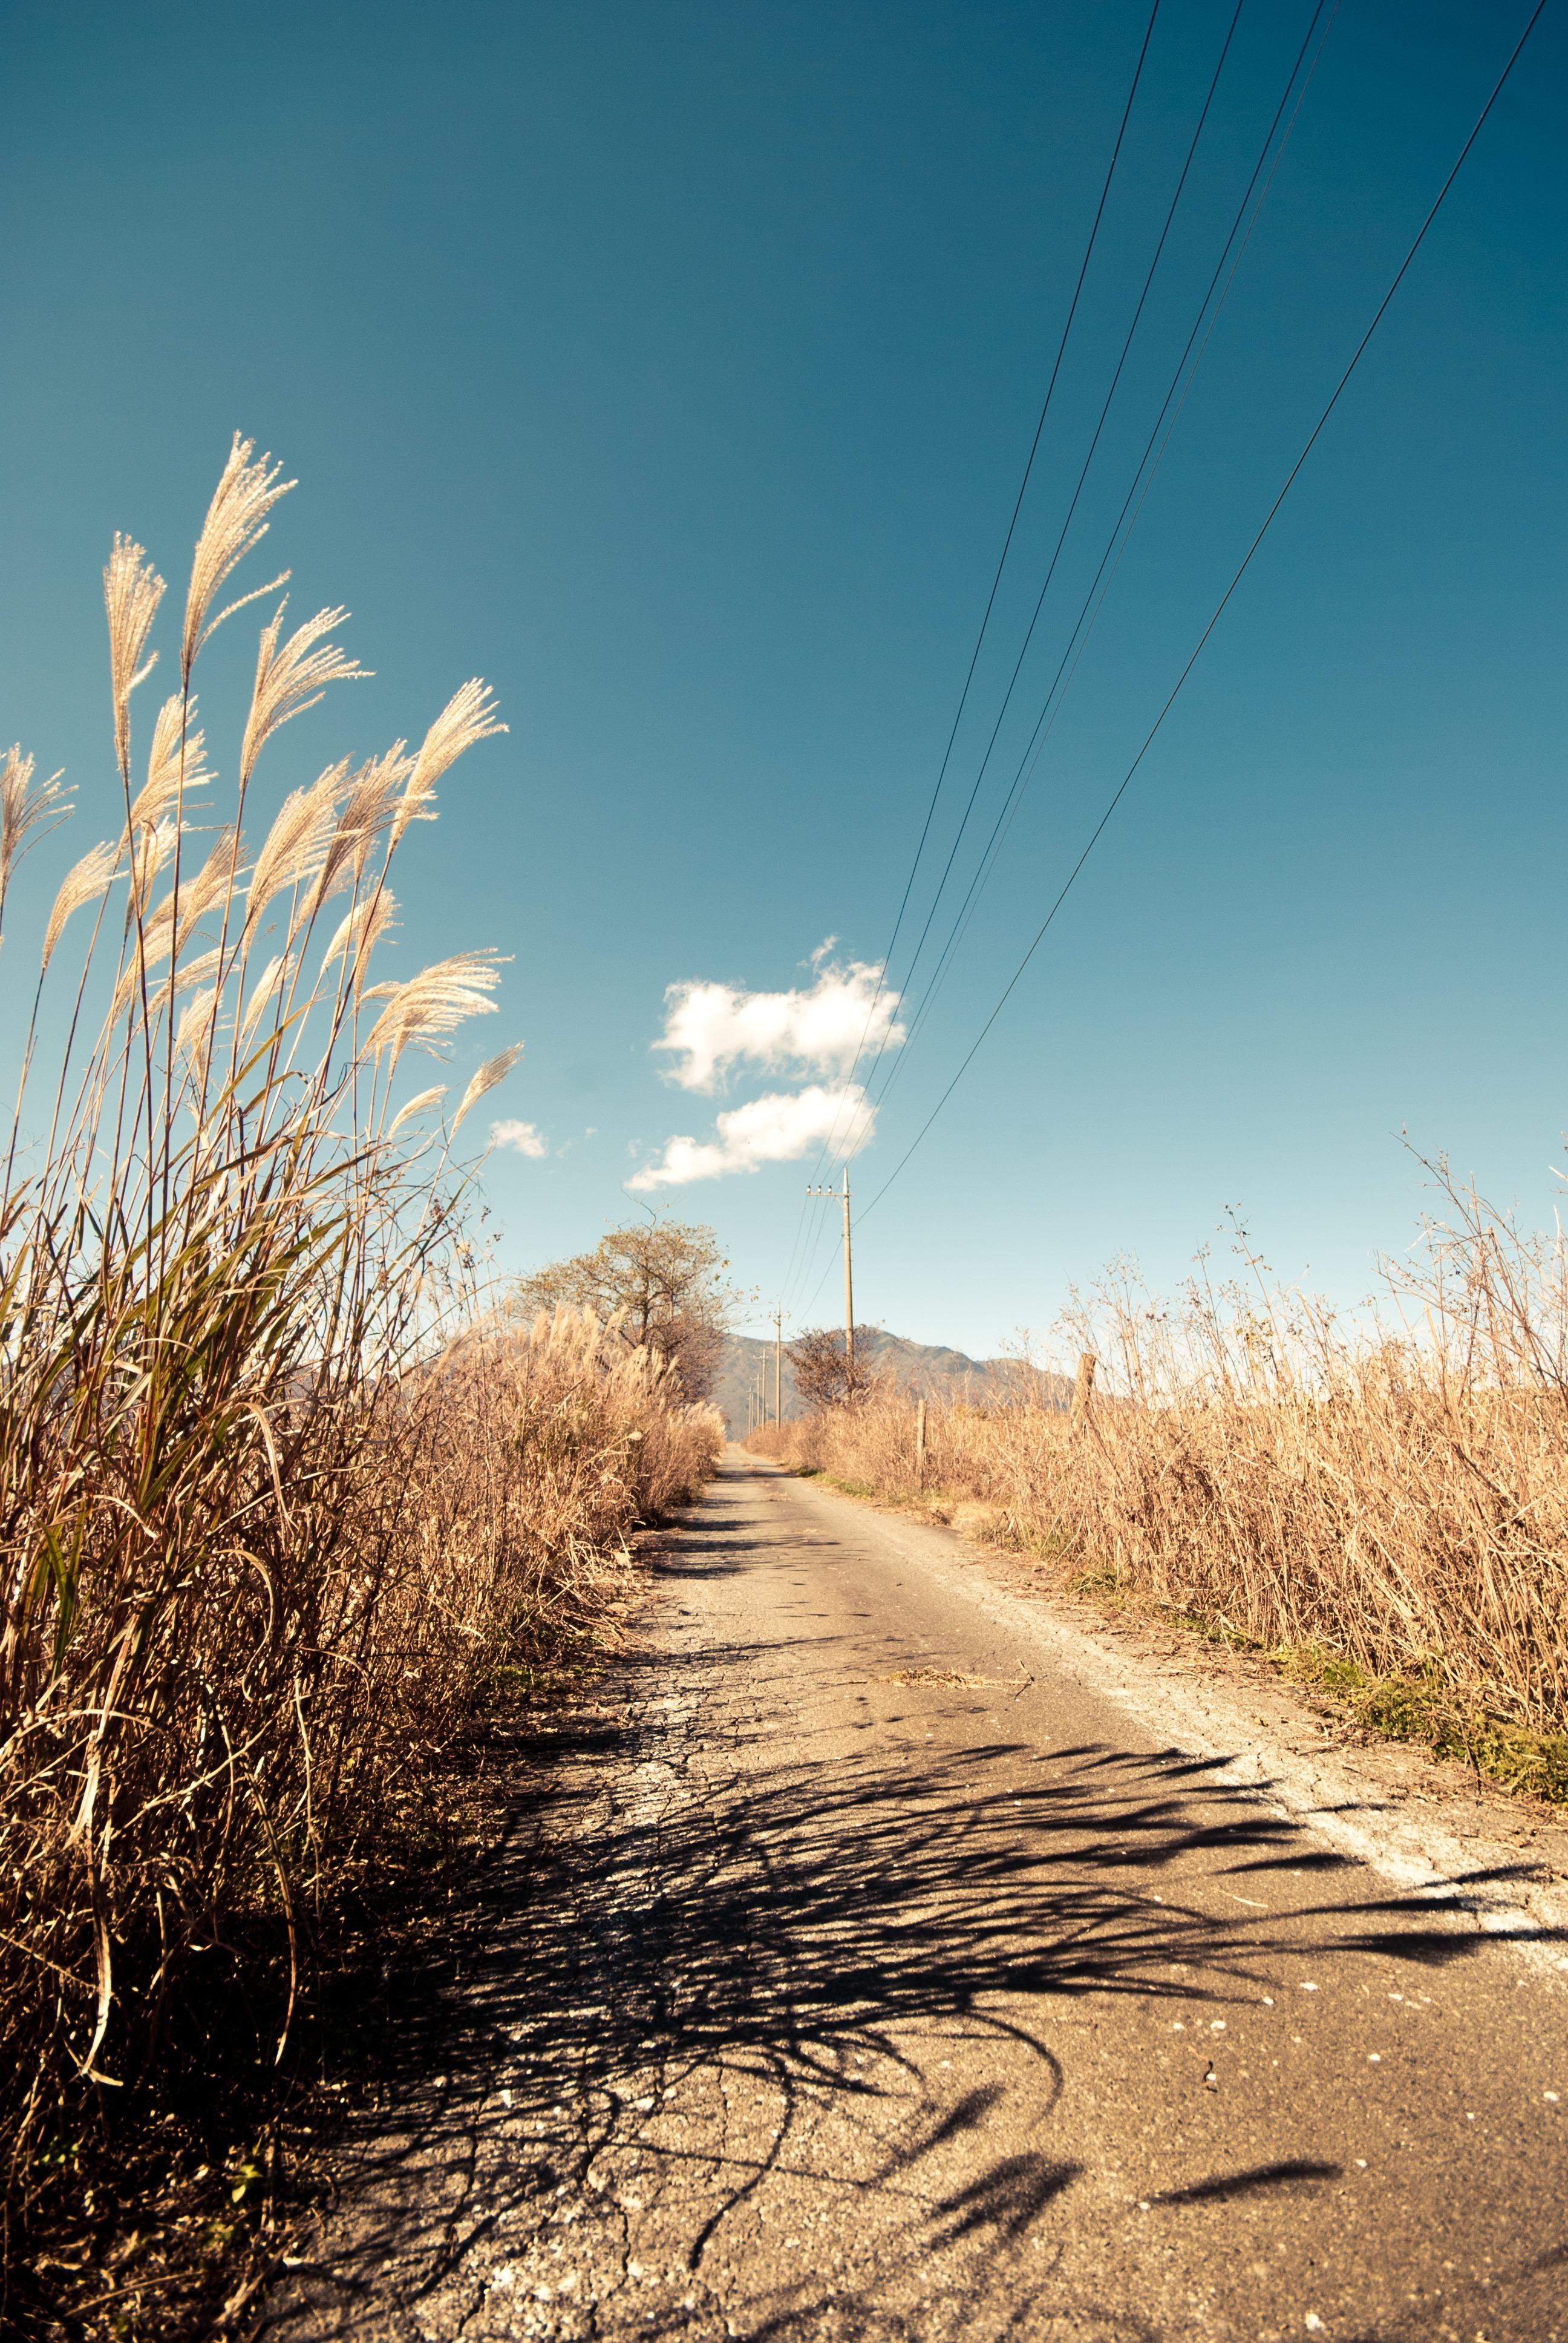 tall grass field sunset. Horizon, Mountain, Cloud, Plant, Sky, Sunset, Road, Field, Prairie, Sunlight, Morning, Hill, Wind, Direction, Journey, Soil, Blue, Tall Grass, Outdoors, Grass Field Sunset Y